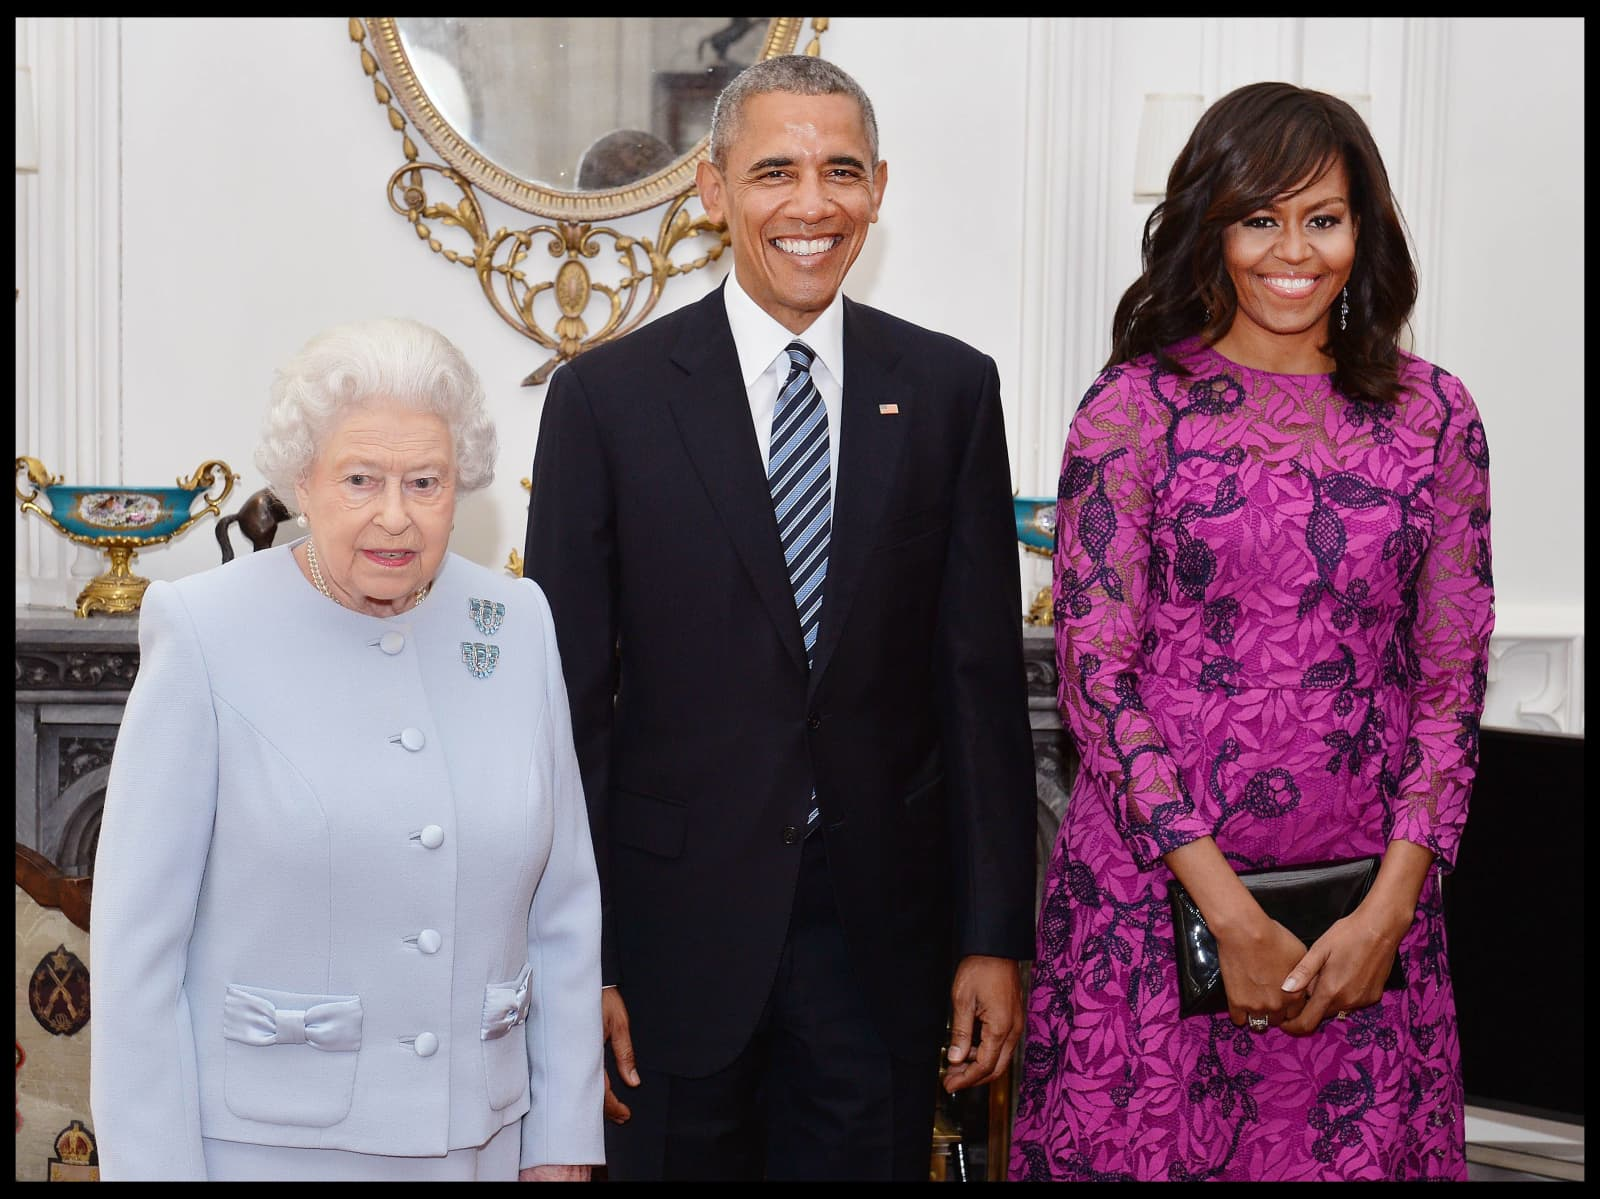 Michelle Obama verrät intime Details bei einer Geschichte über die Queen